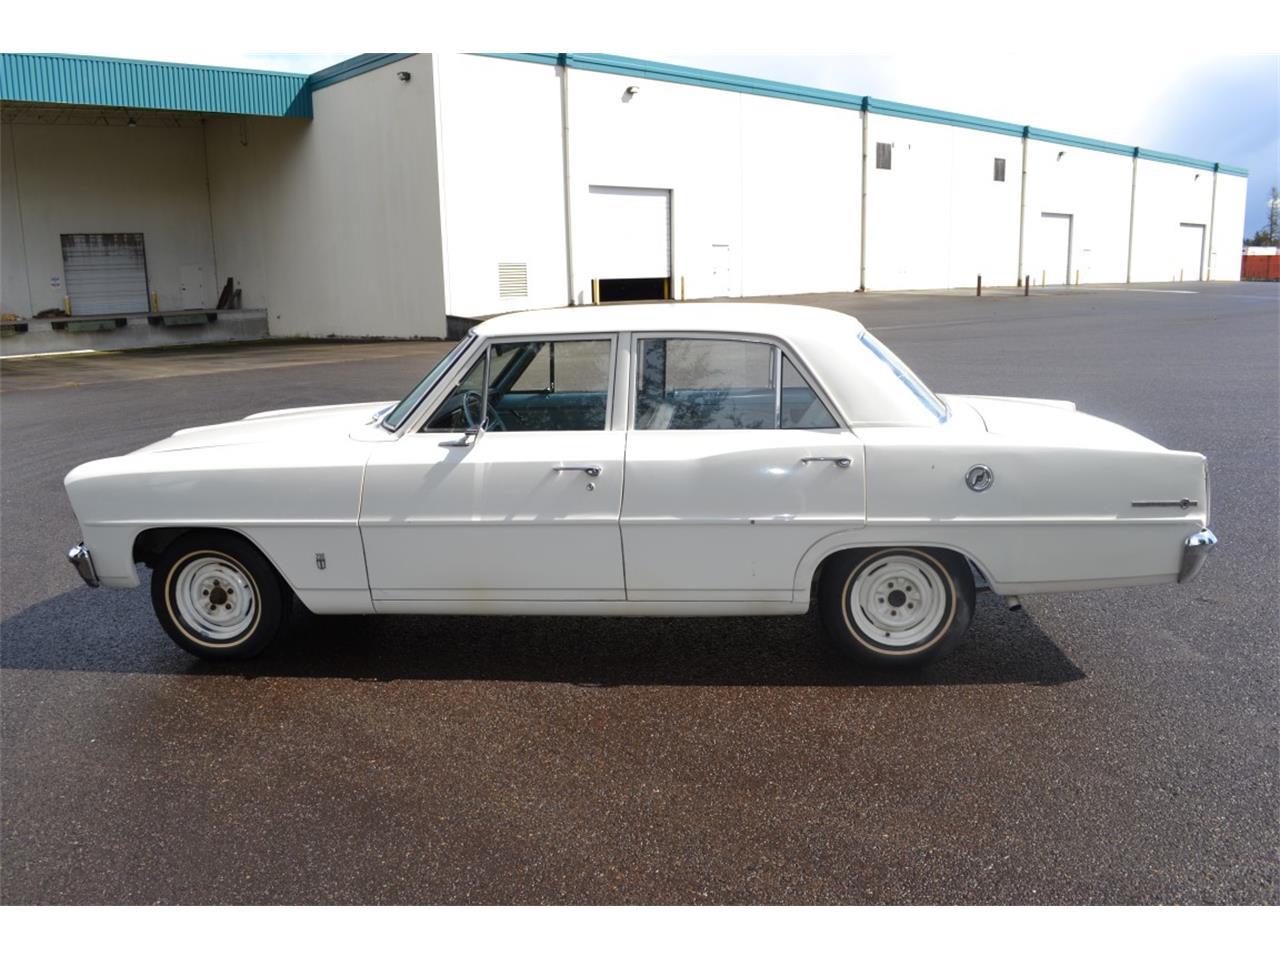 hight resolution of 1966 chevrolet nova 4 door for sale classiccars com cc 982669 76 nova 4 door large